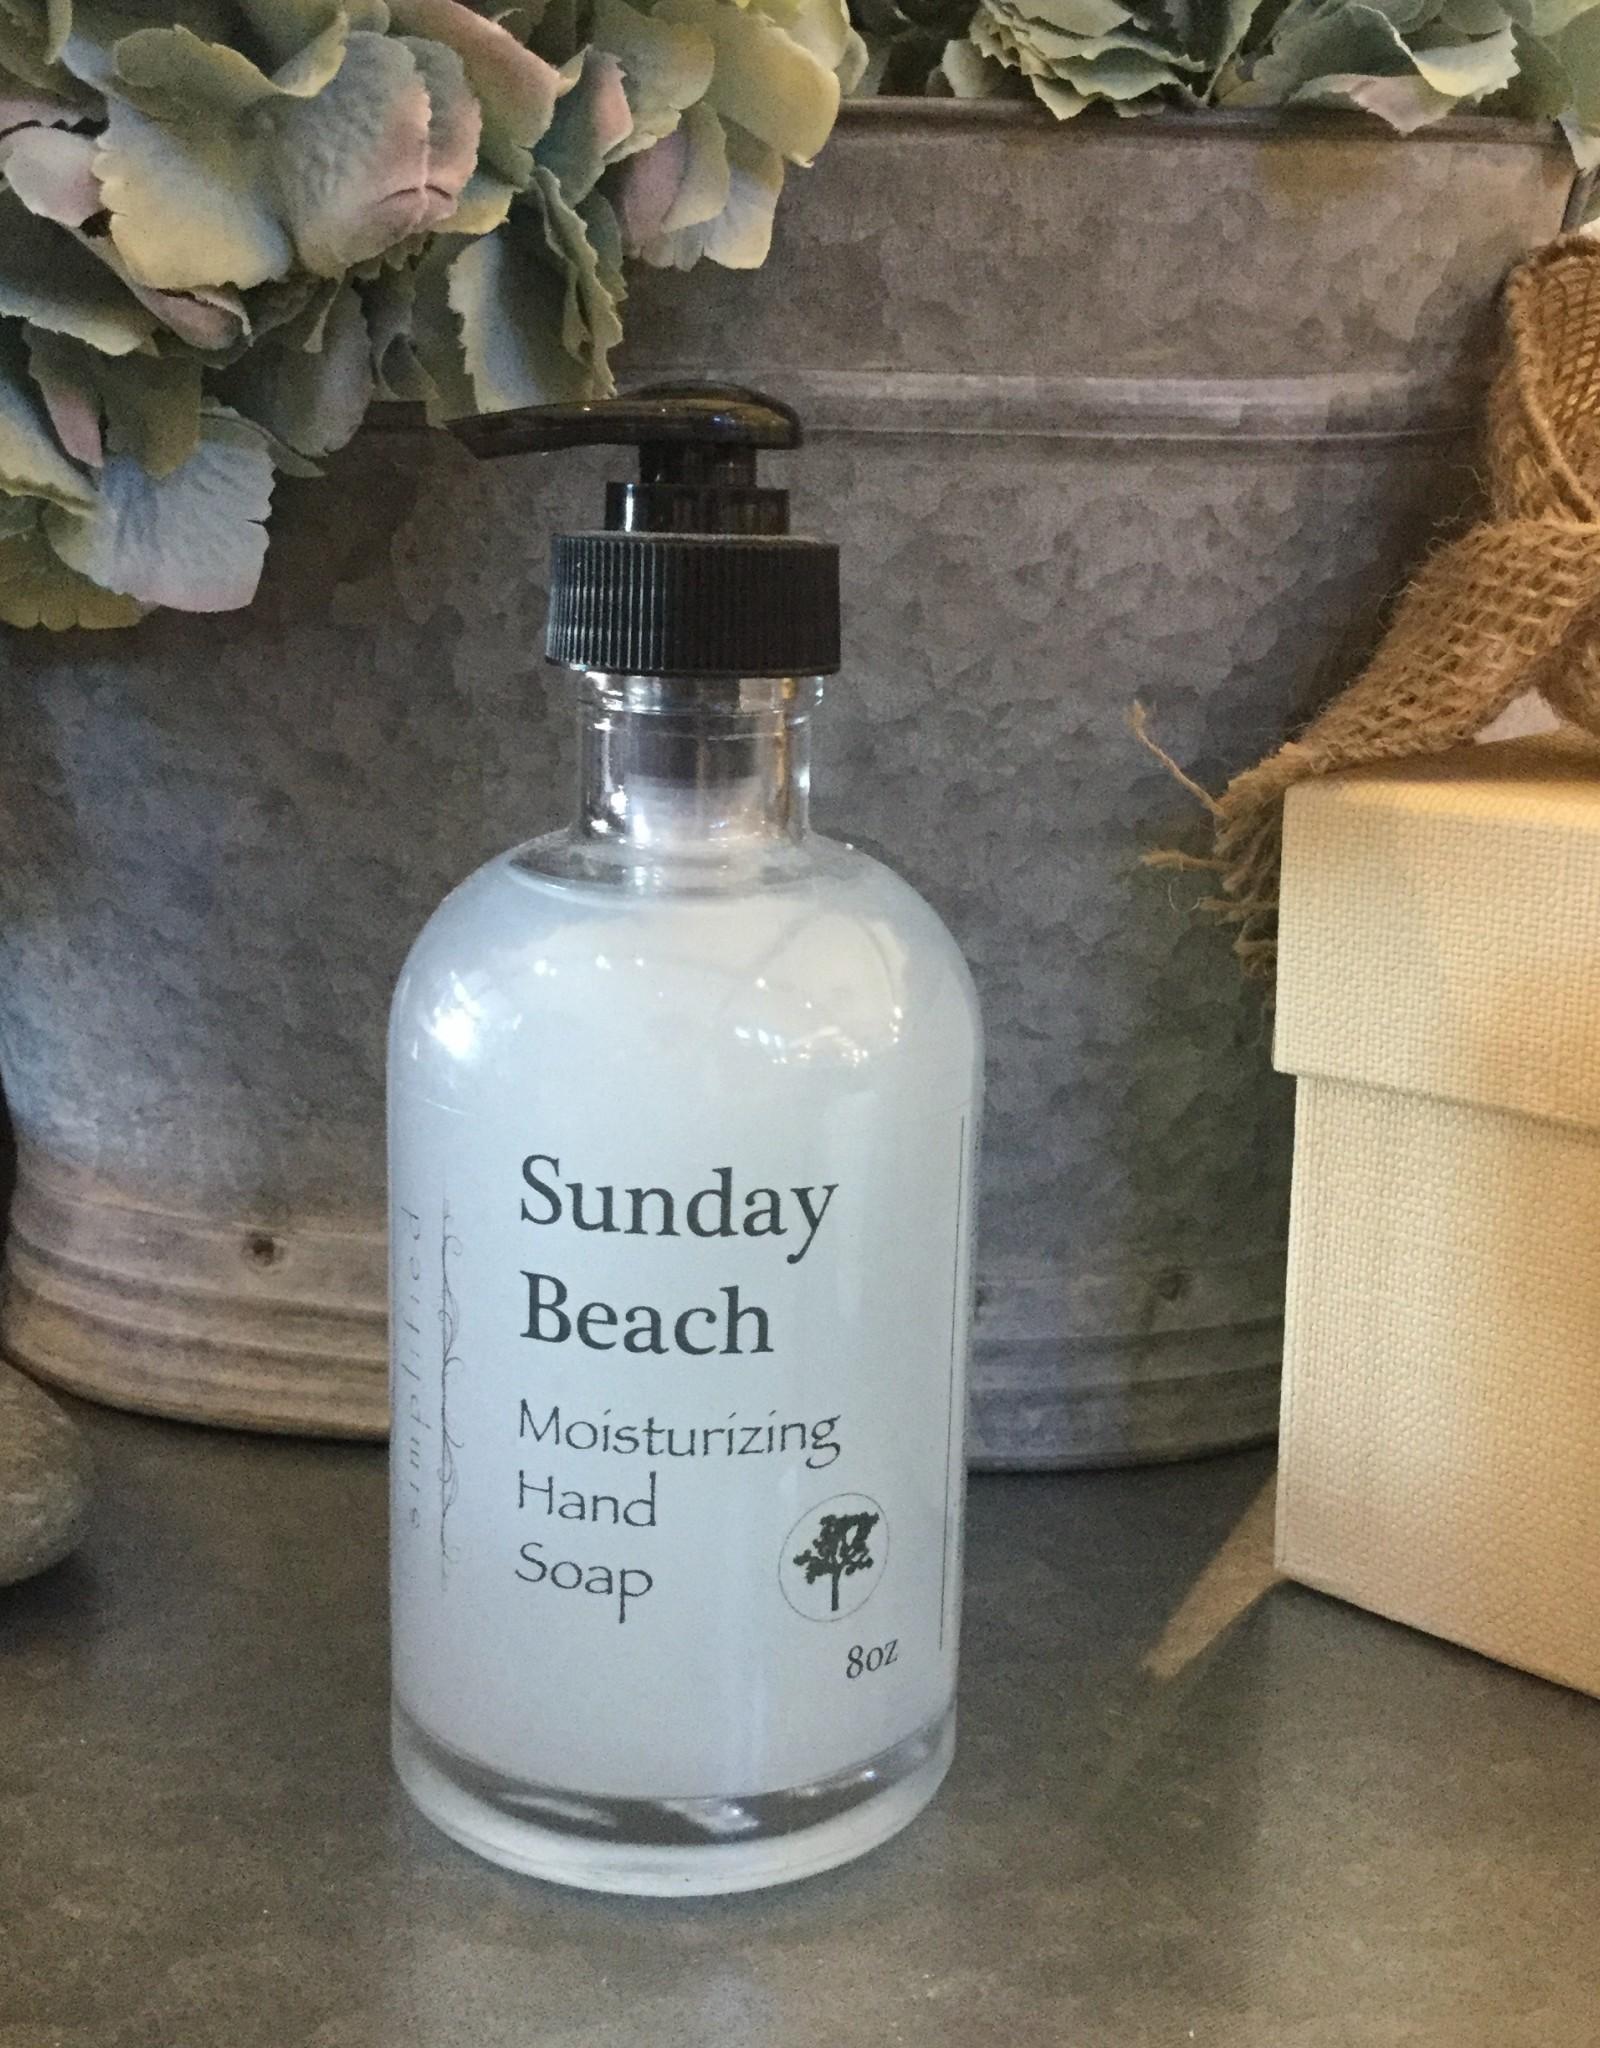 Hand Soap 8oz - Sunday beach